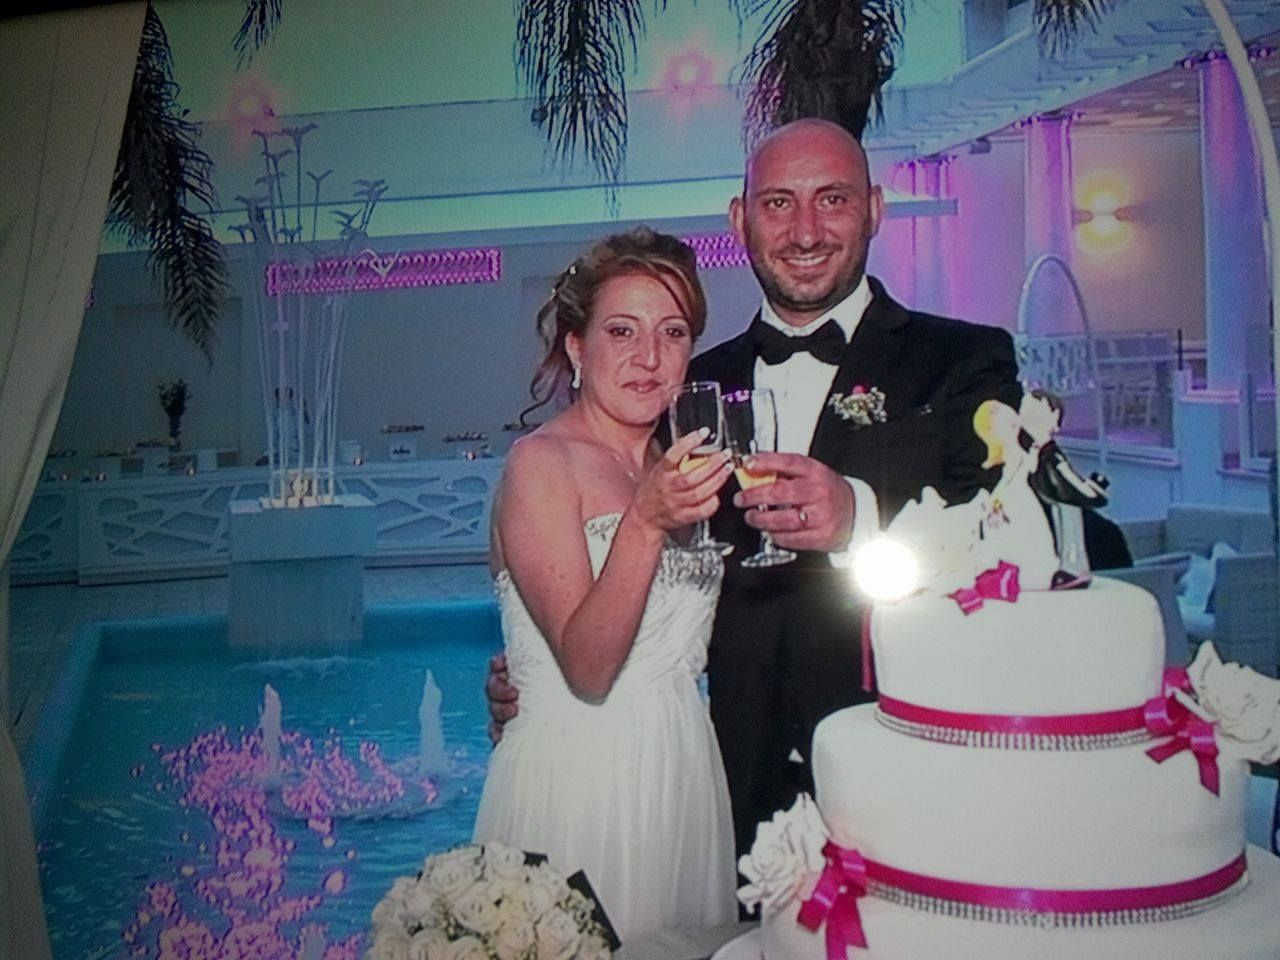 Storie di nozze Al Chiar di Luna: Nunzia e Luigi sposi evergreen. Inviaci la tua foto, per rivivere insieme il tuo giorno più bello www.alchiardiluna.it #alchiardiluna #ilmatrimoniochestaisognando #sposievergreen